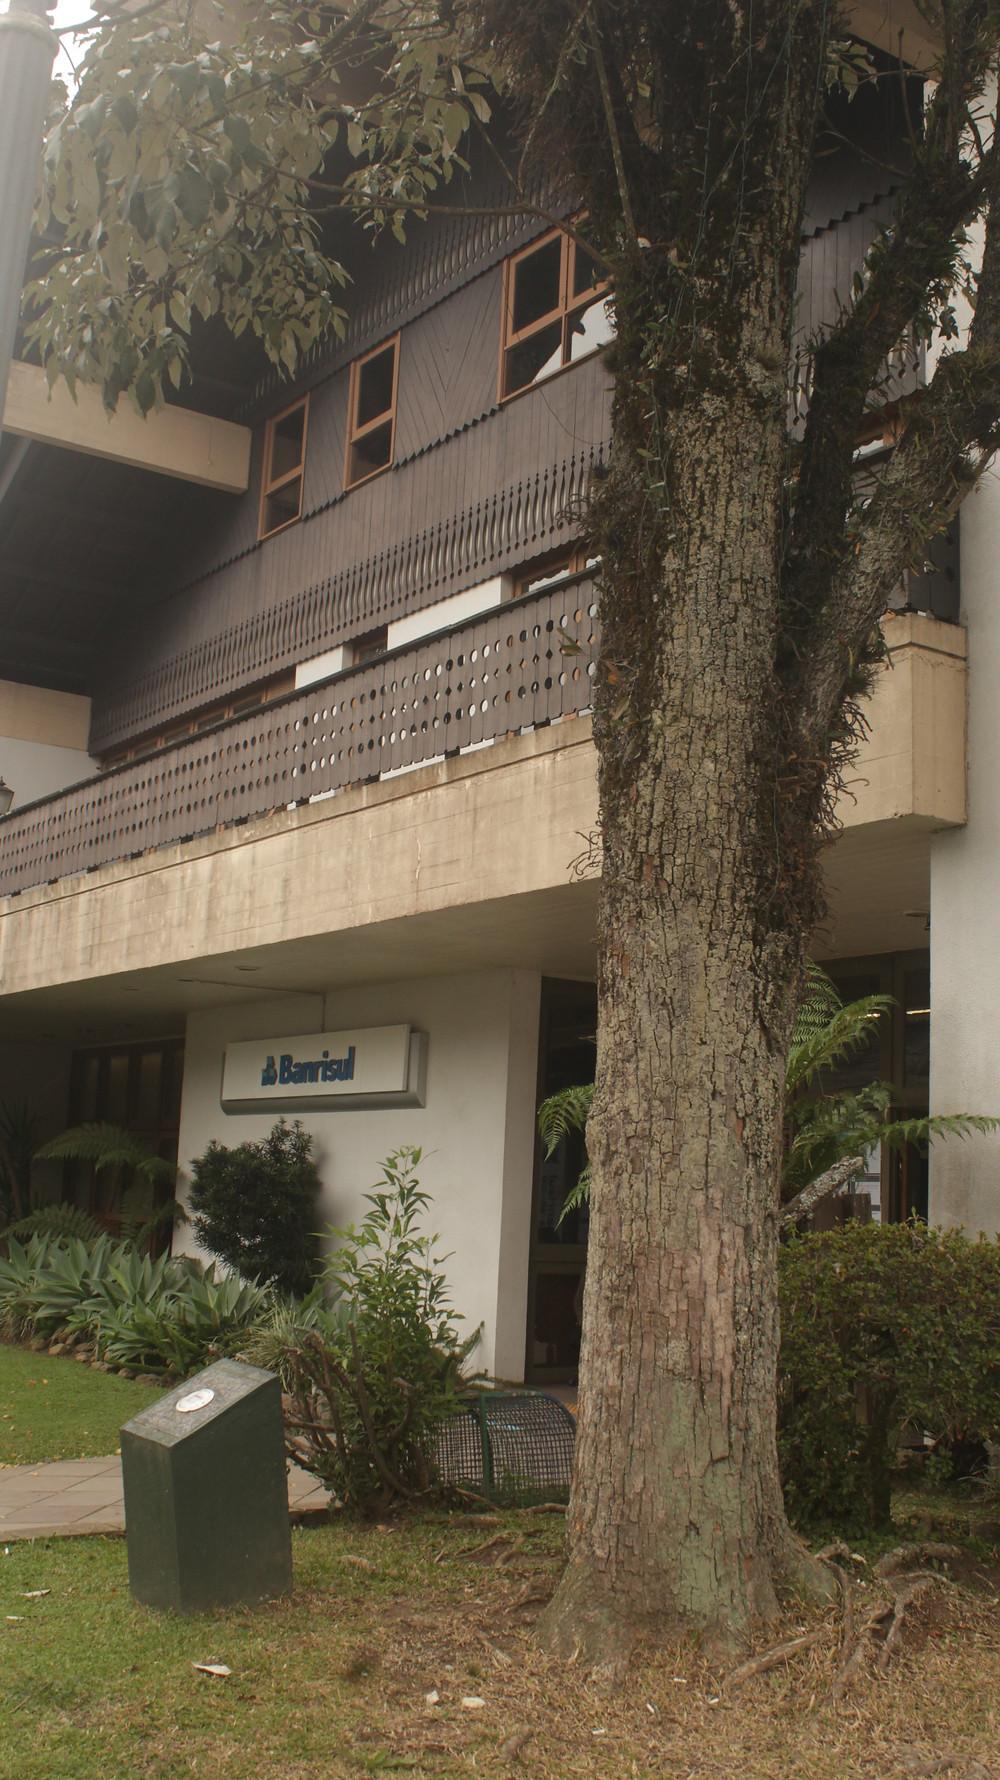 Ipê Amarelo foi salvo quando da construção desta sede do Banco, graças aos esforços do professor e historiador Hugo Daros. O Banco foi sensível aos apelos e preservou a árvore (FOTO) para a posteridade.